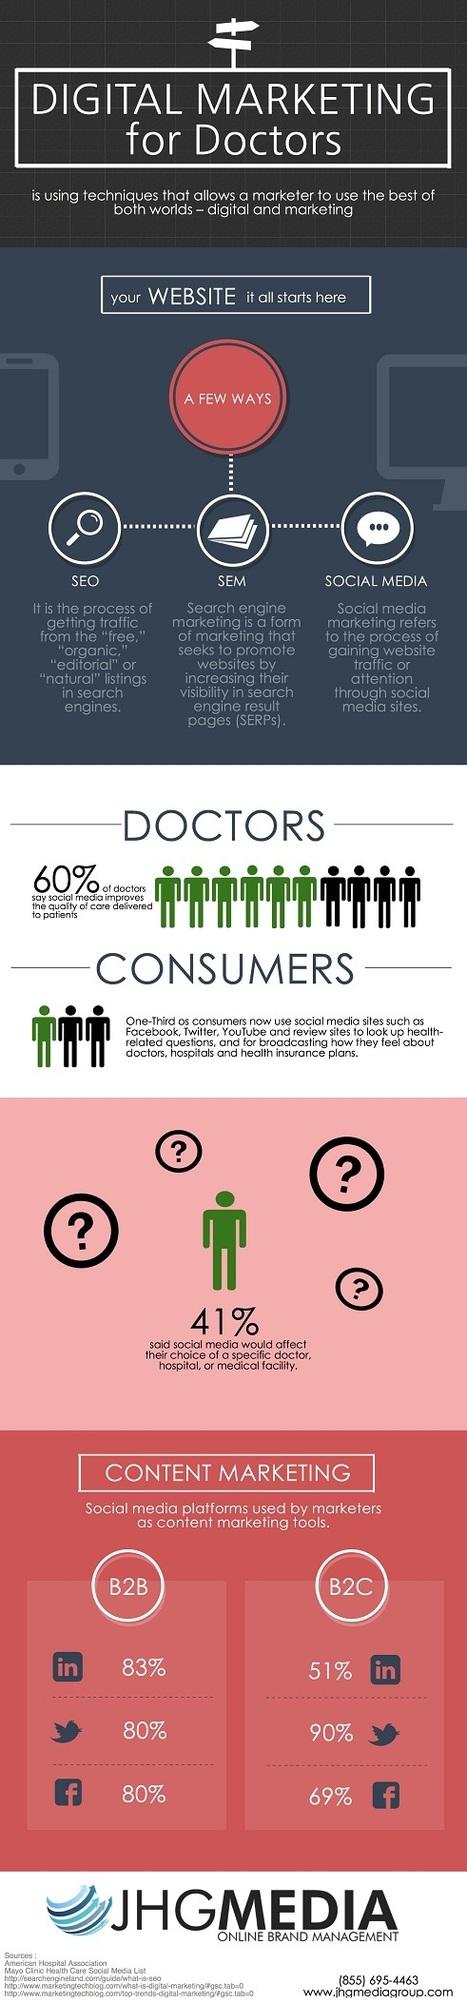 Digital Marketing For Doctors   Healthcare updates   Digital Healthcare Trends   Scoop.it